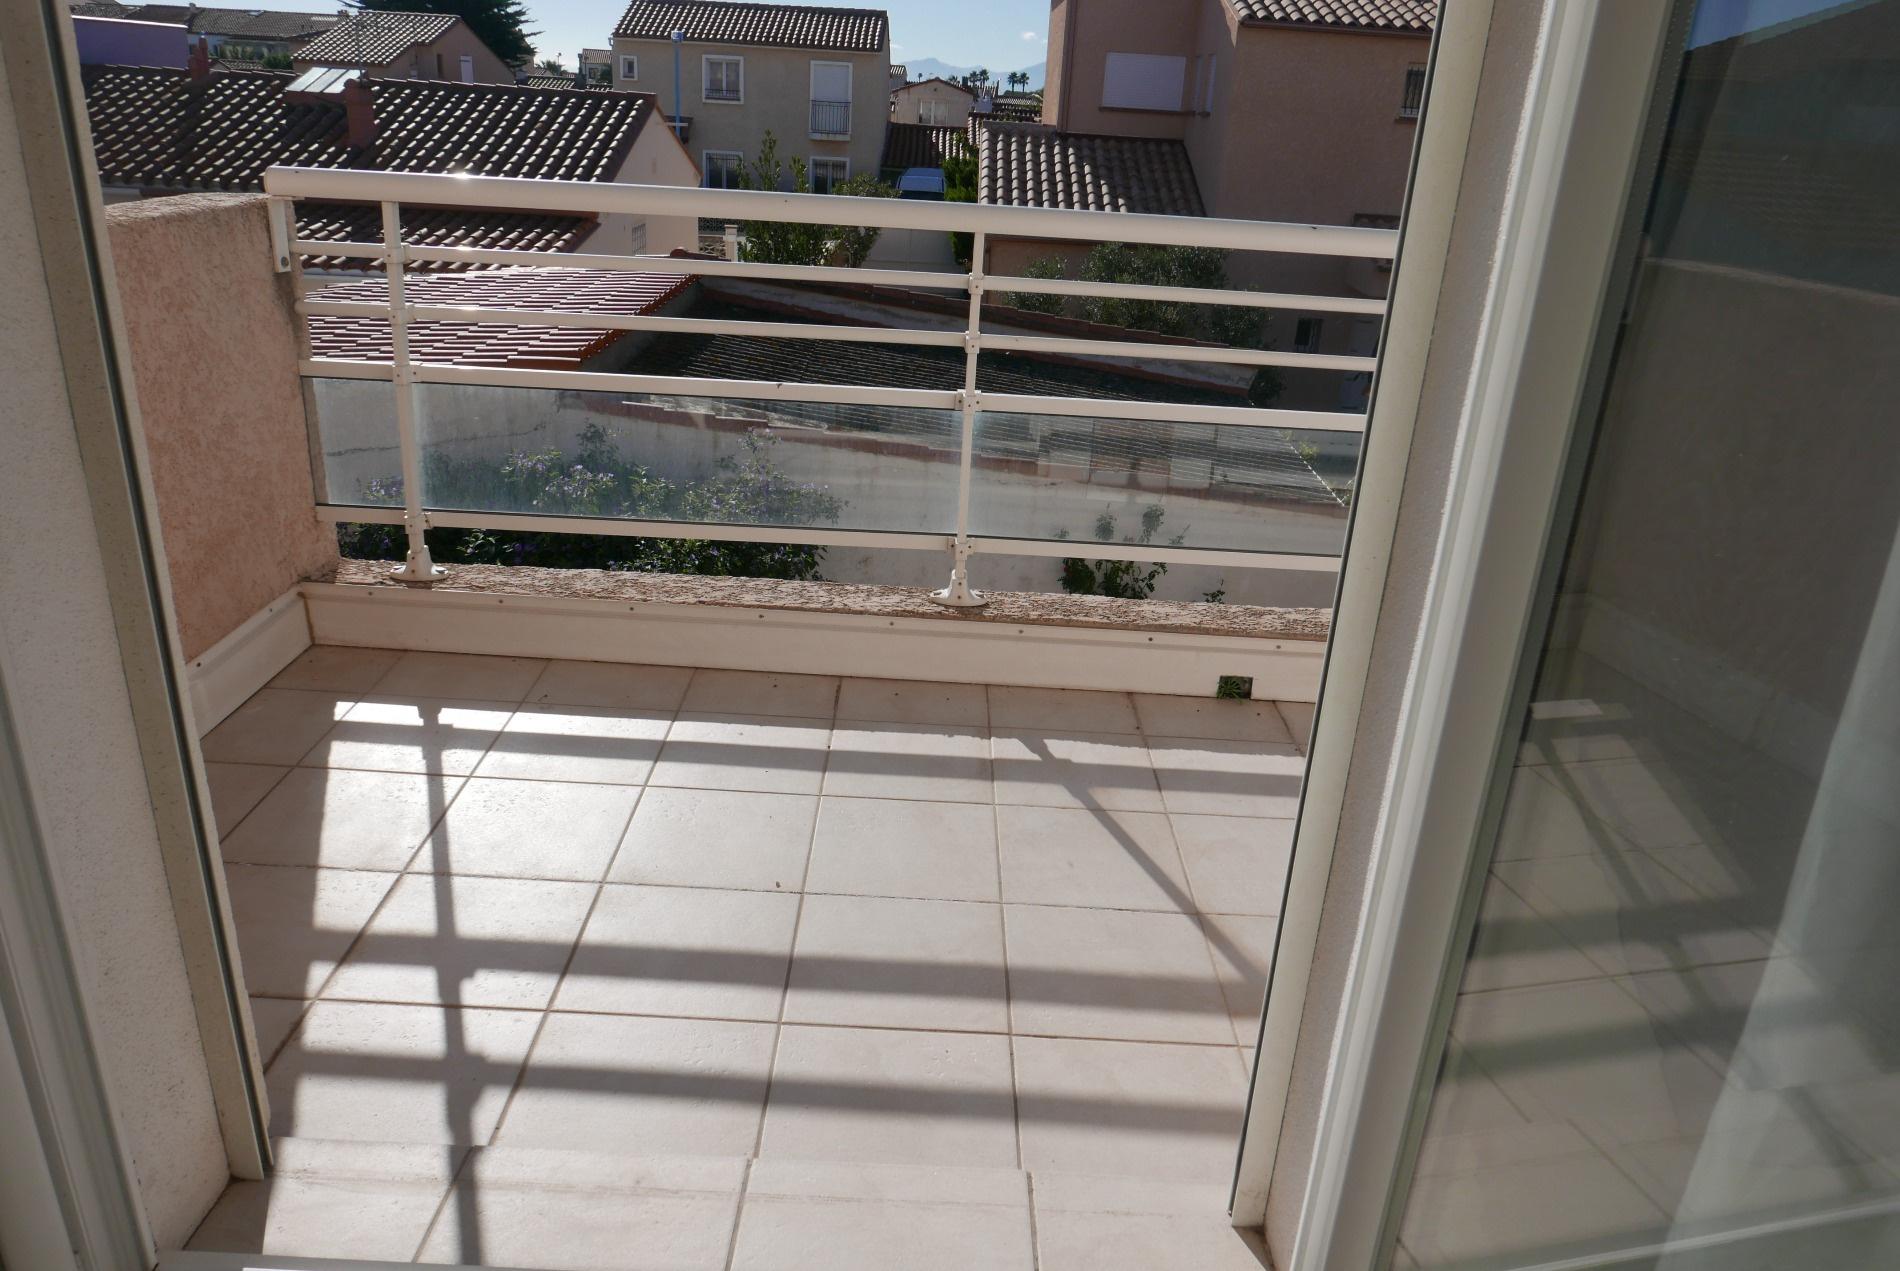 Porte fenetre chambre 2 donnant sur balcon